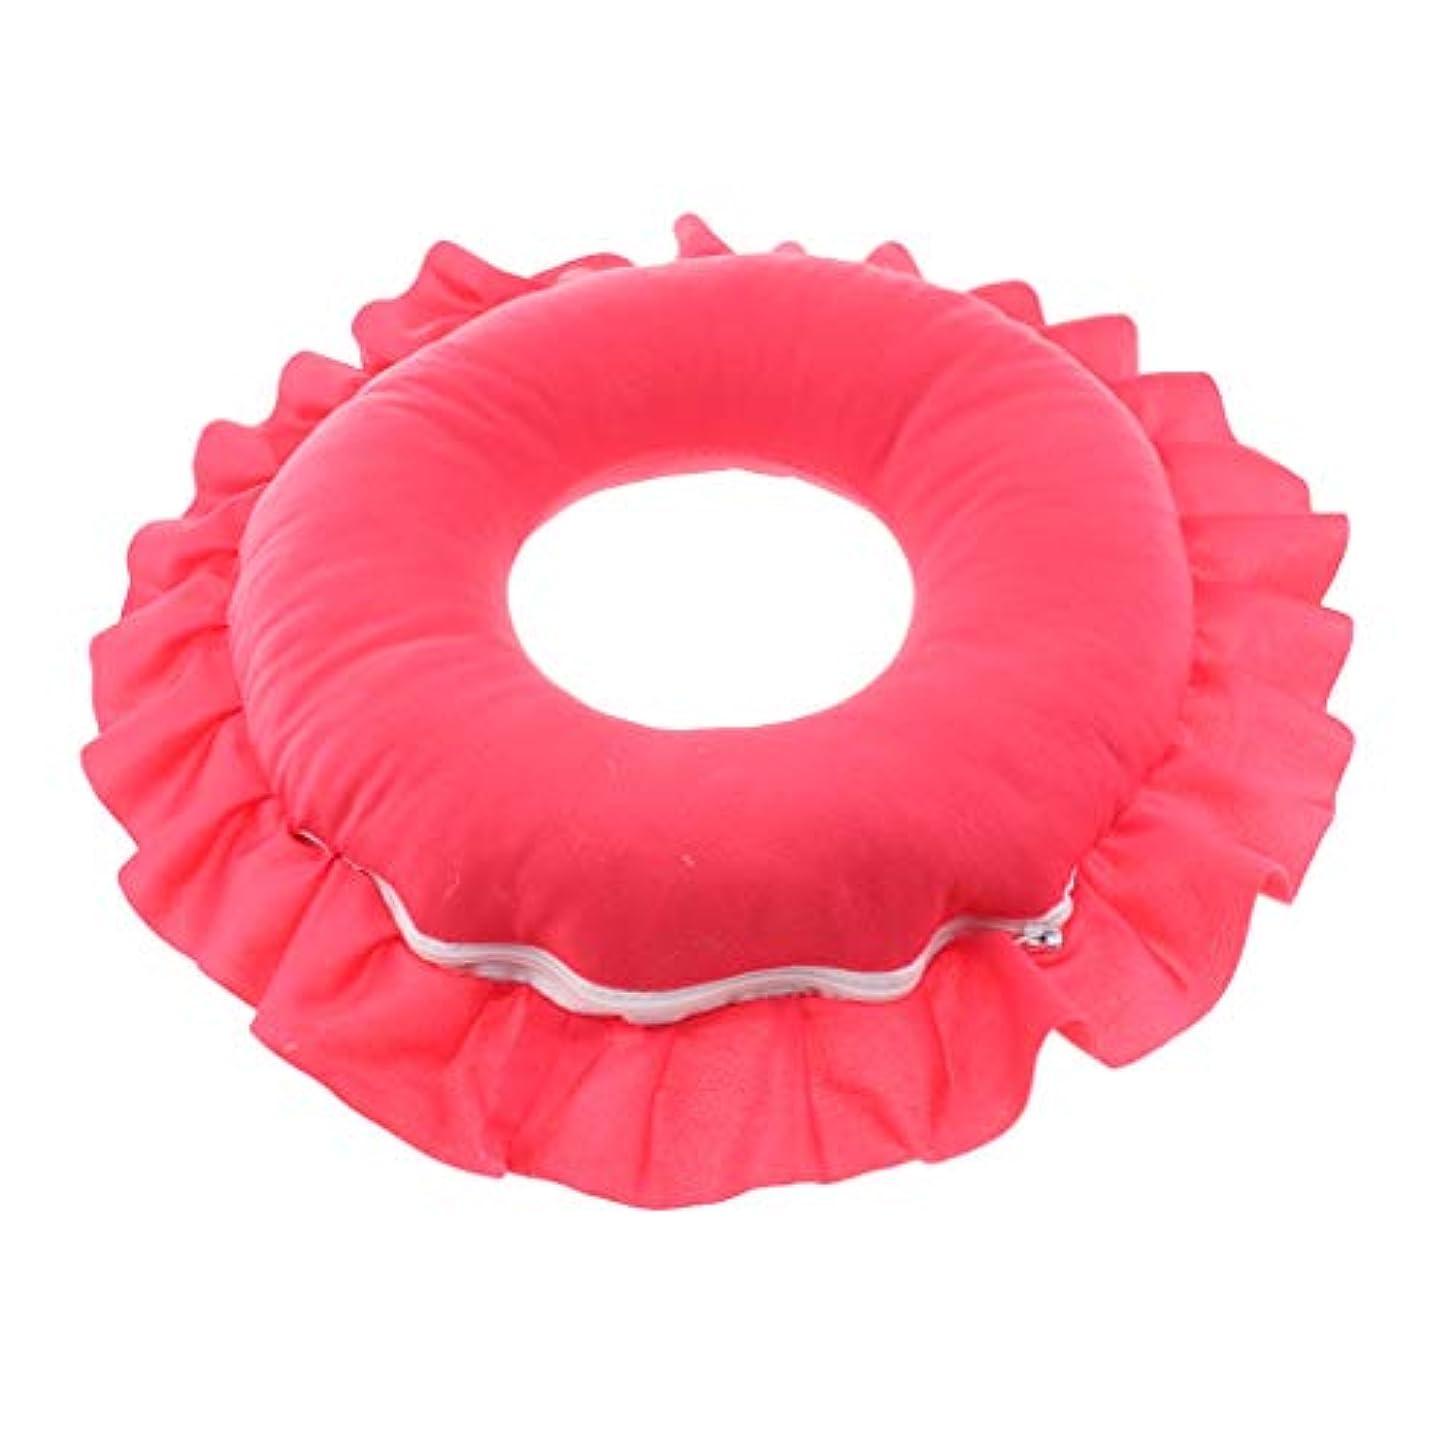 メンバーカバレッジカバレッジ全4色 洗えるピロー フェイスピロー 顔枕 マッサージベッド 美容院 ソフト 軽量 快適 - 赤